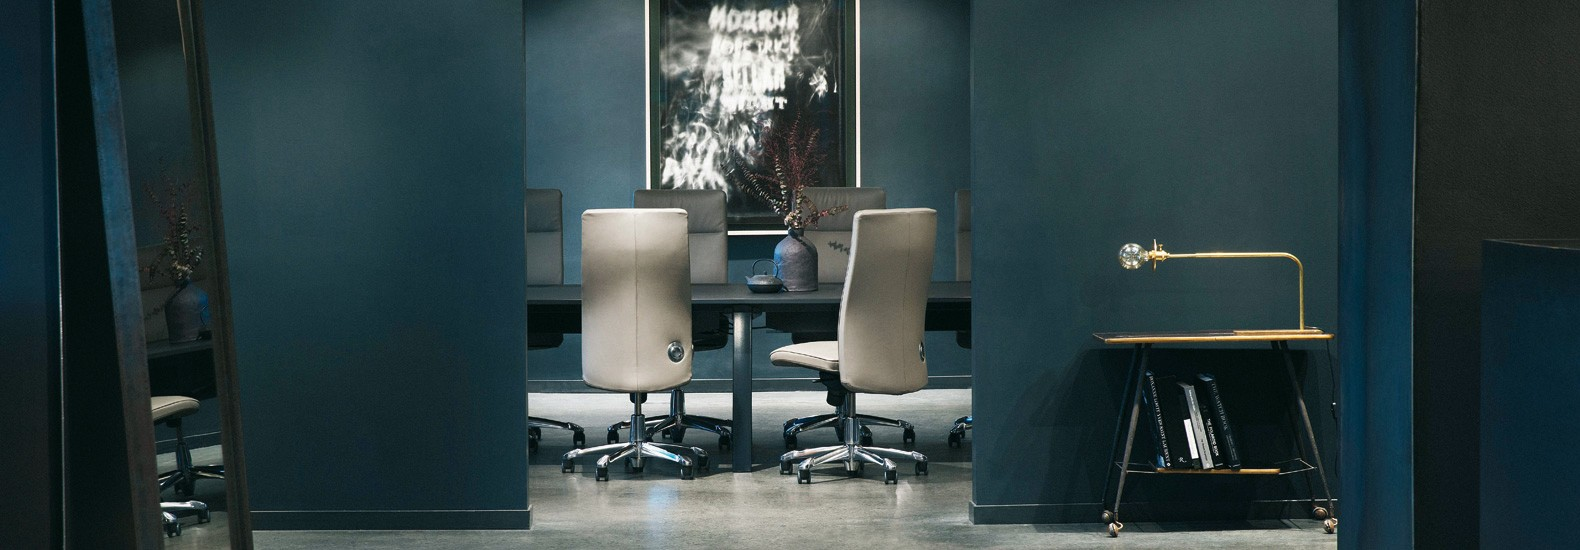 HÅG Tribute, Inspiration und Excellence wurden für Anwender mit hohen Ansprüchen an Design und Ergonomie entworfen.